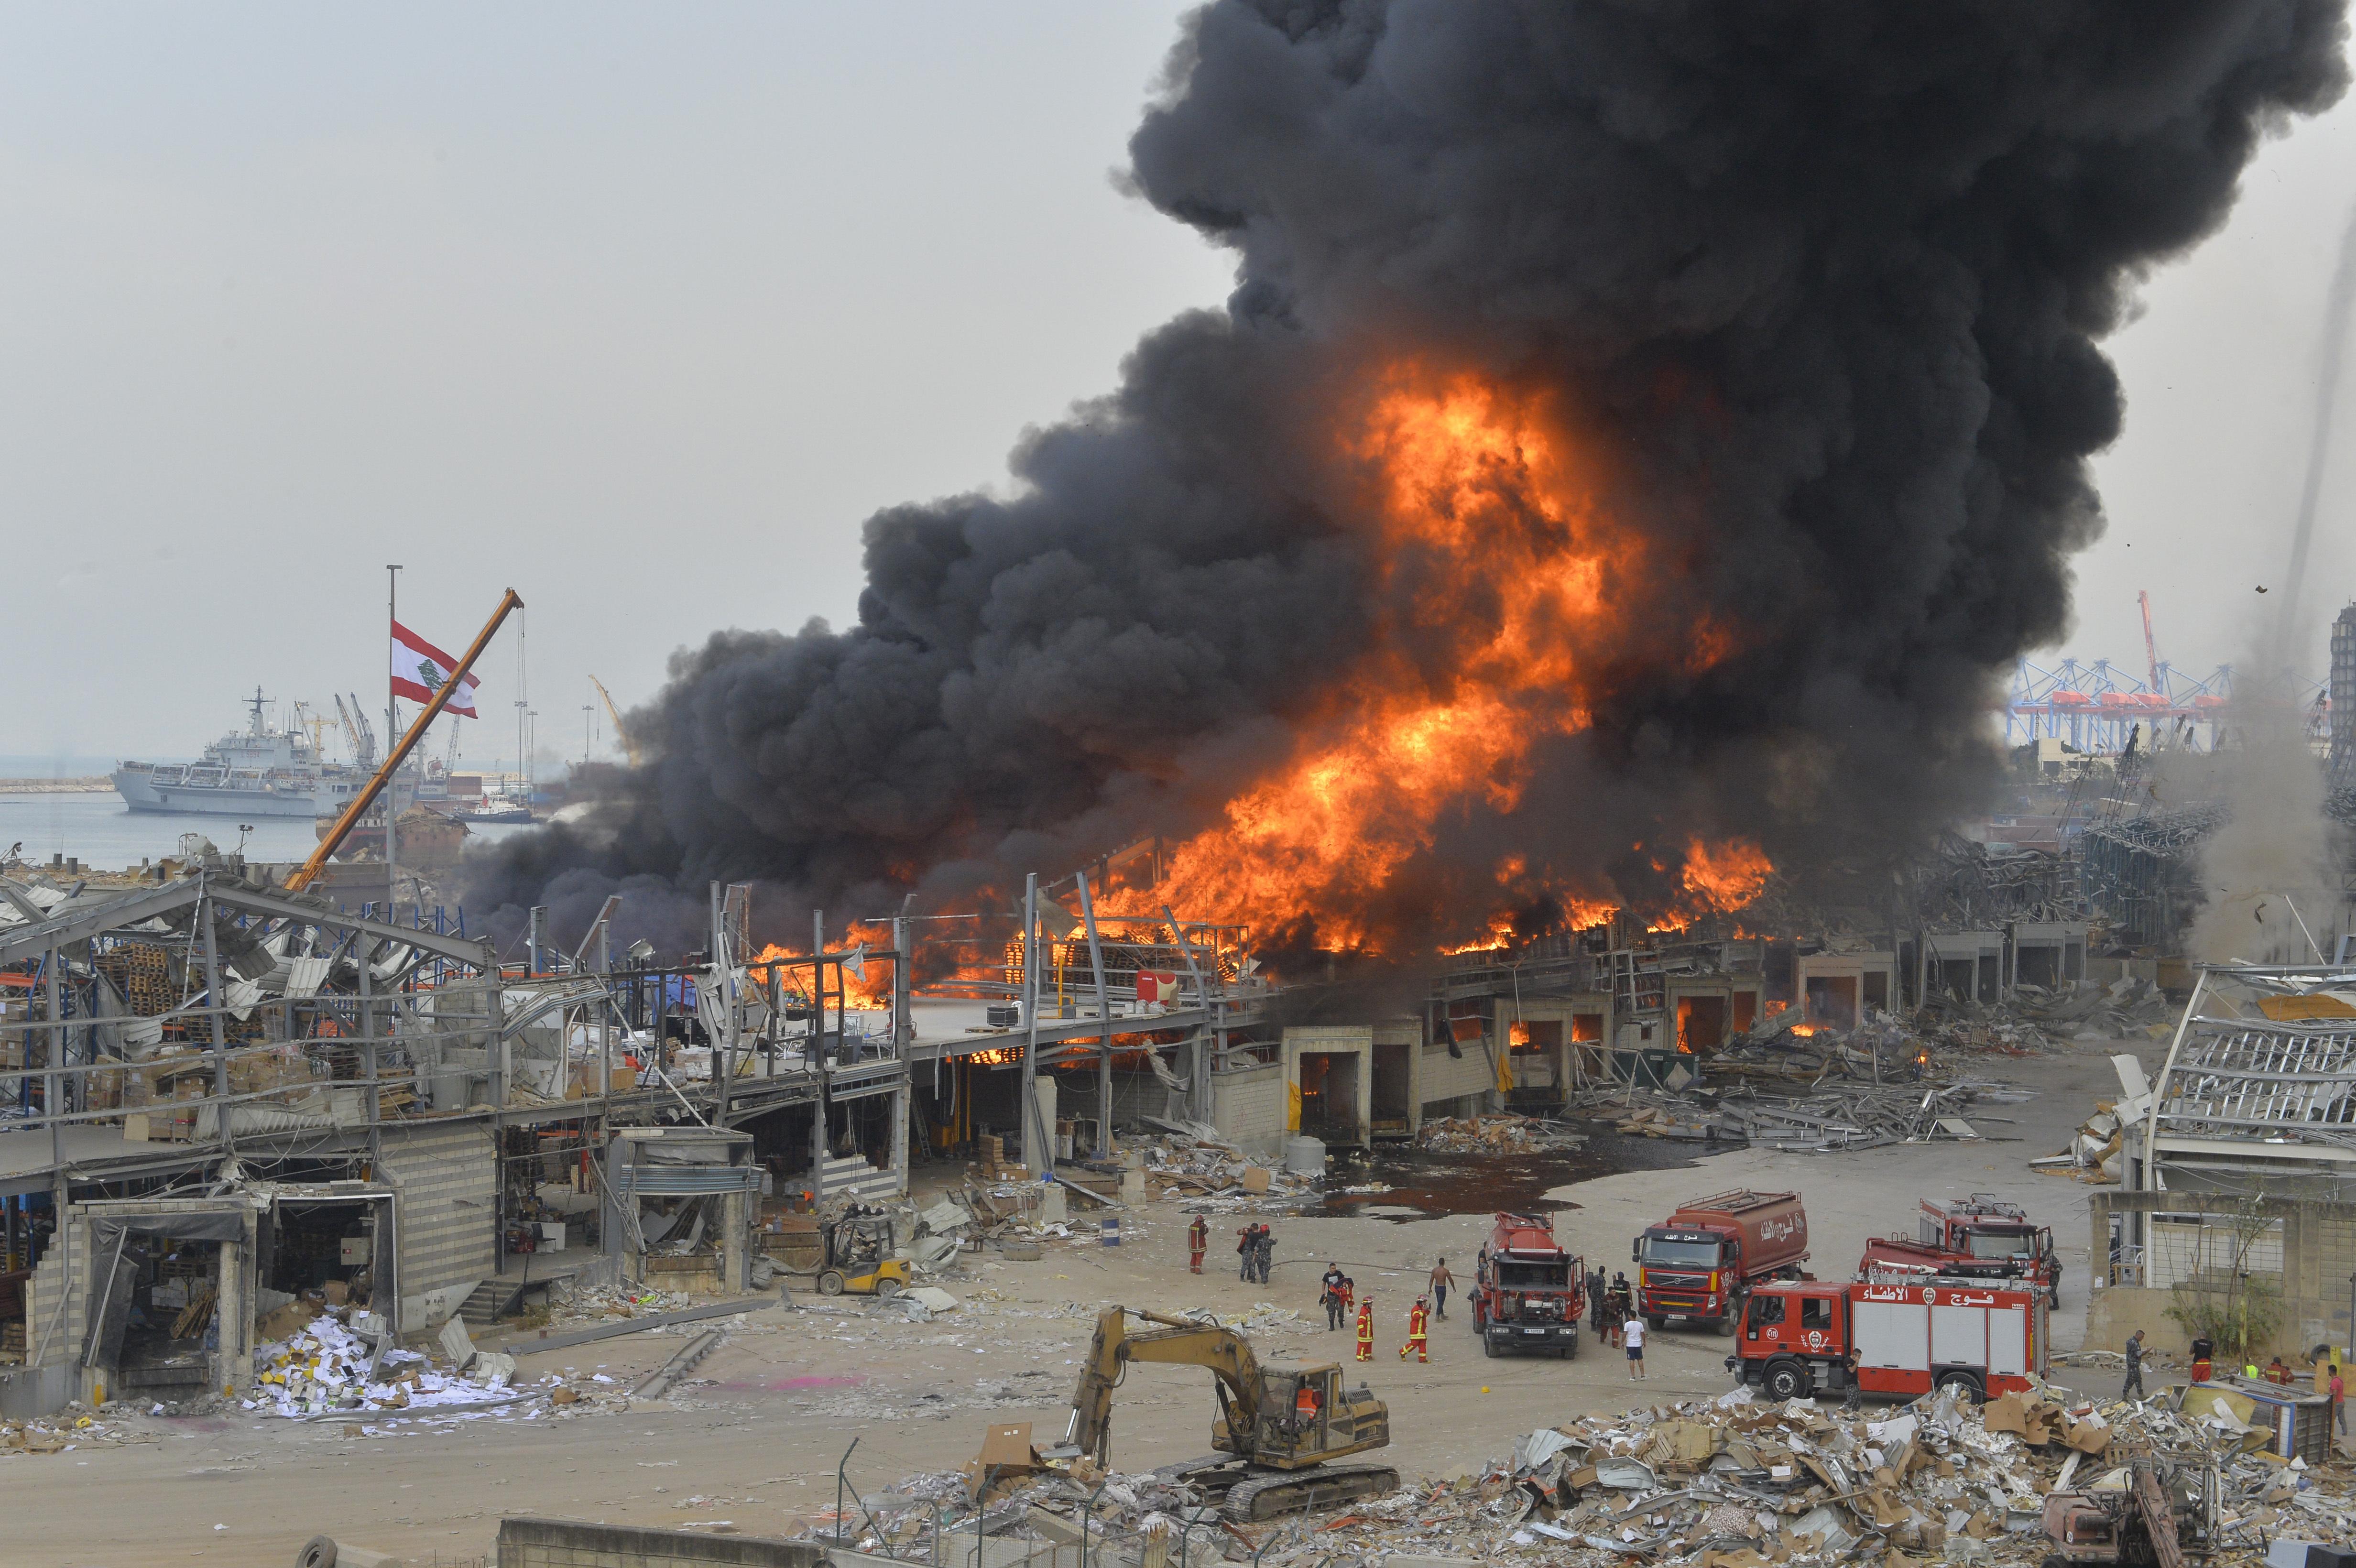 Tűz ütött ki a bejrúti kikötőben